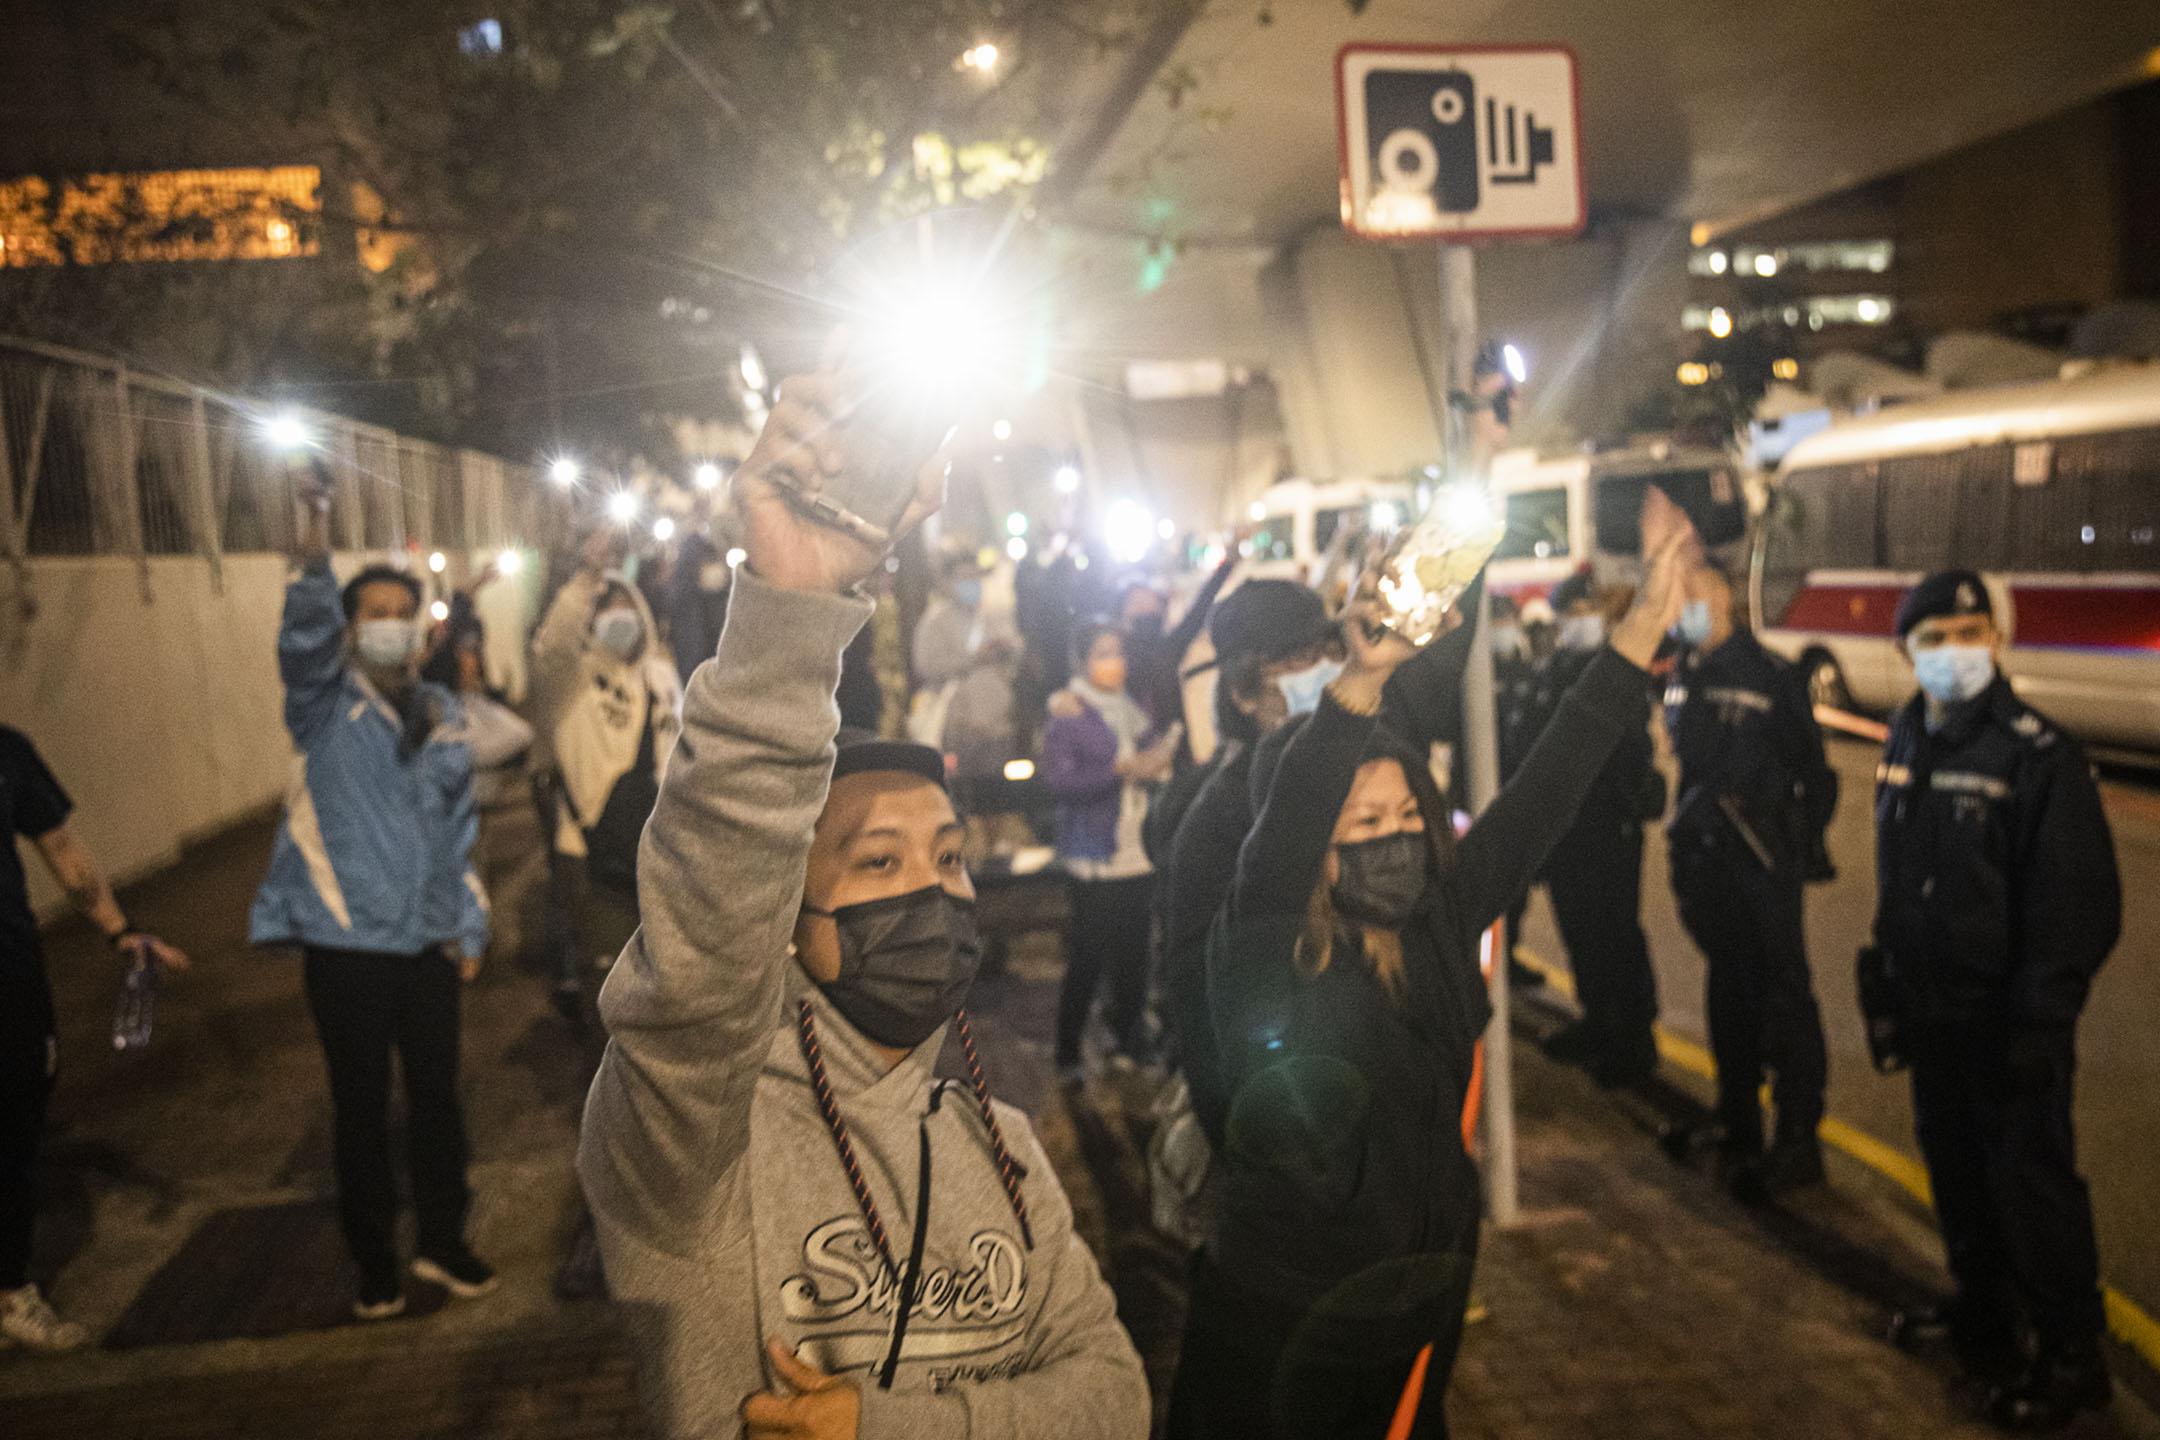 2021年3月3日西九龍裁判法院,市民舉起手機燈送別囚車內的人。